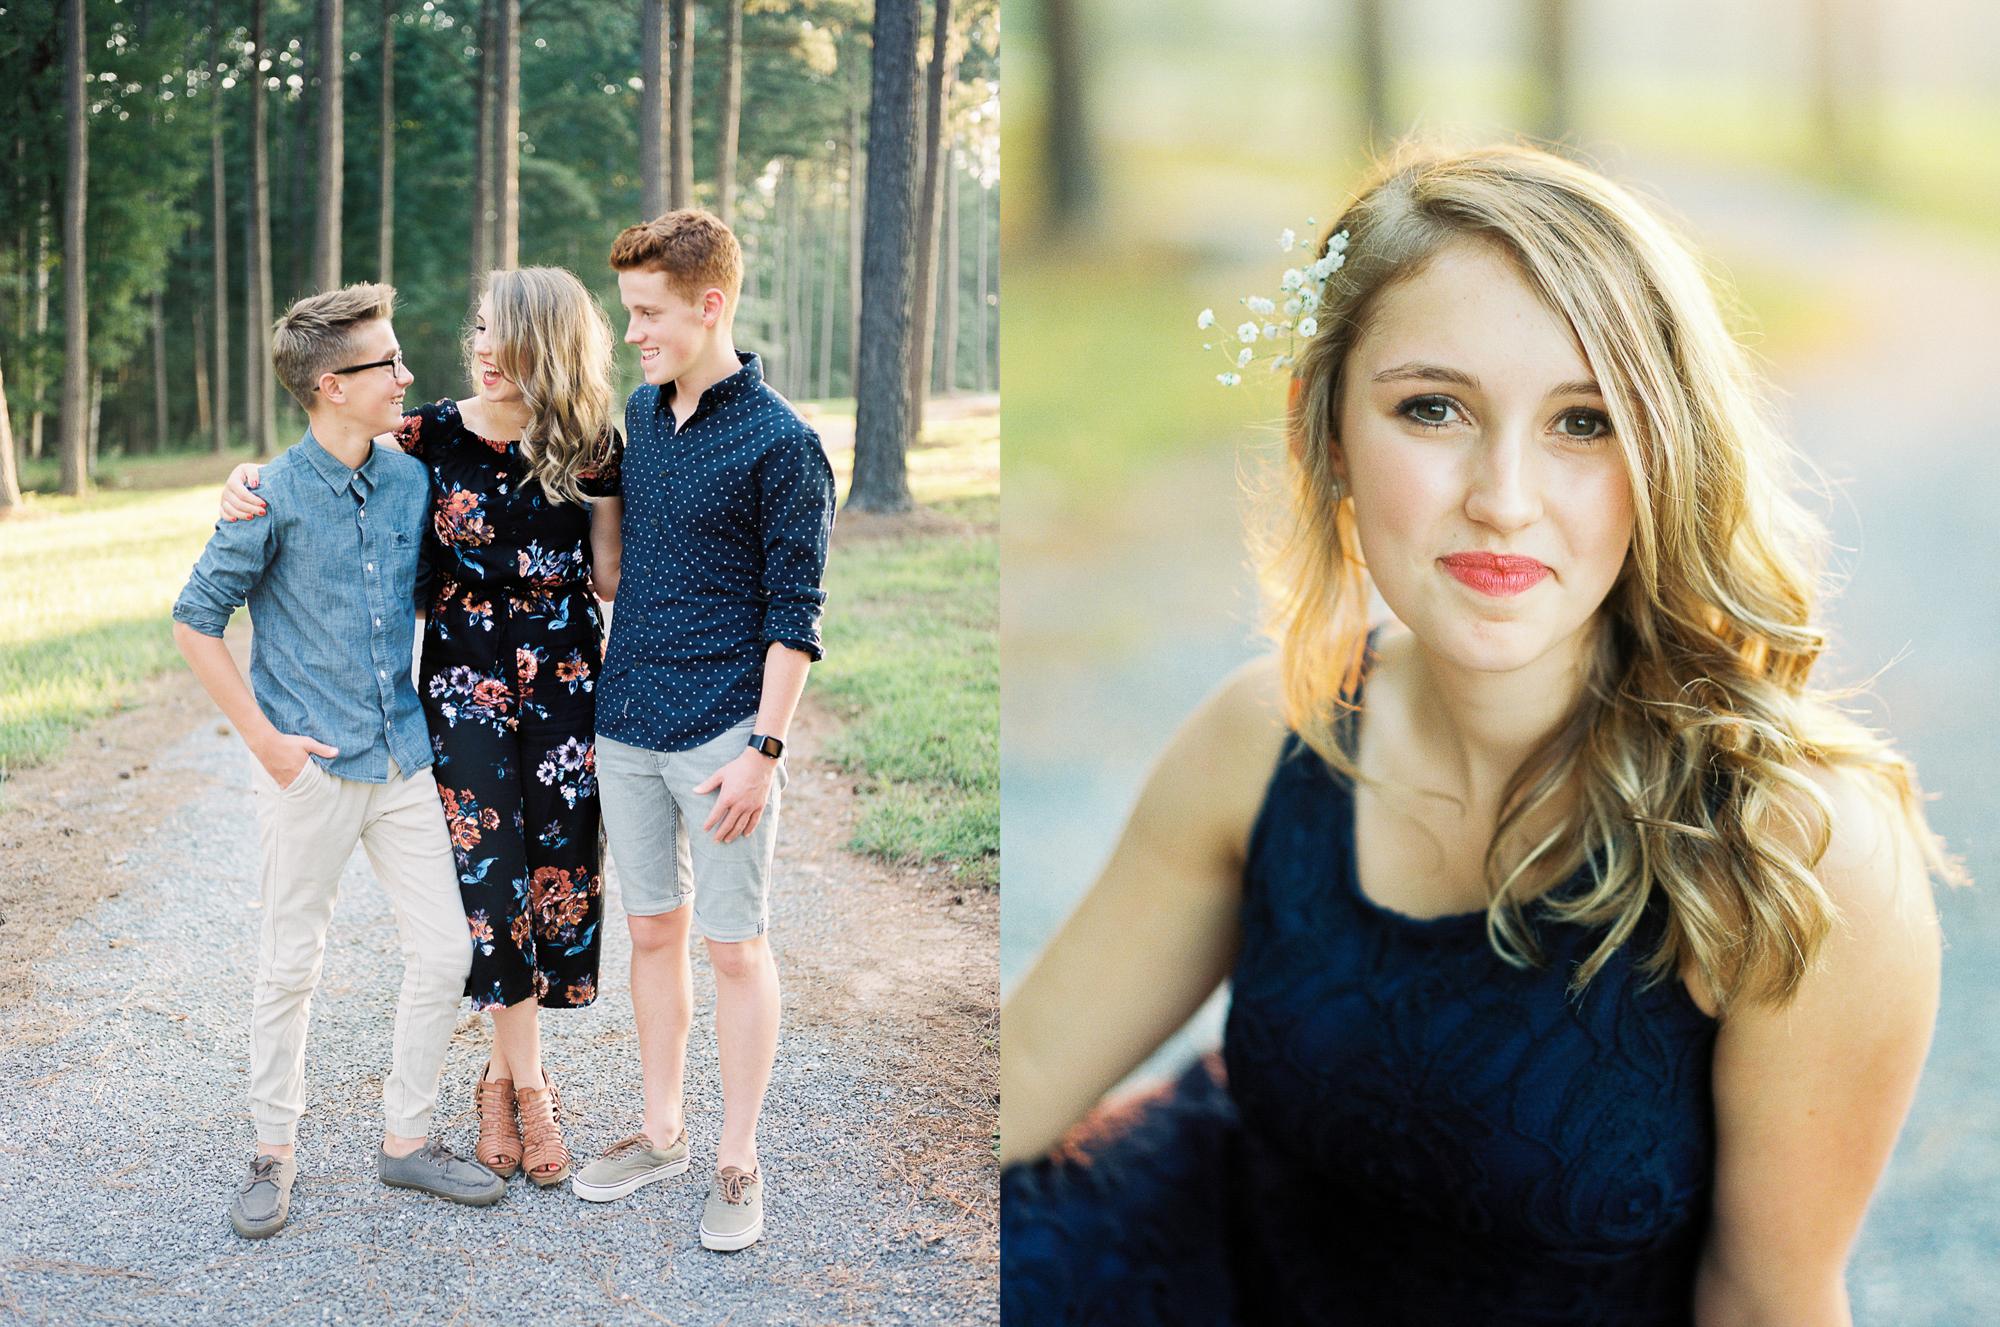 sierra-vista-family-session-charlotte-best-photographer-wedding-family-3.jpg